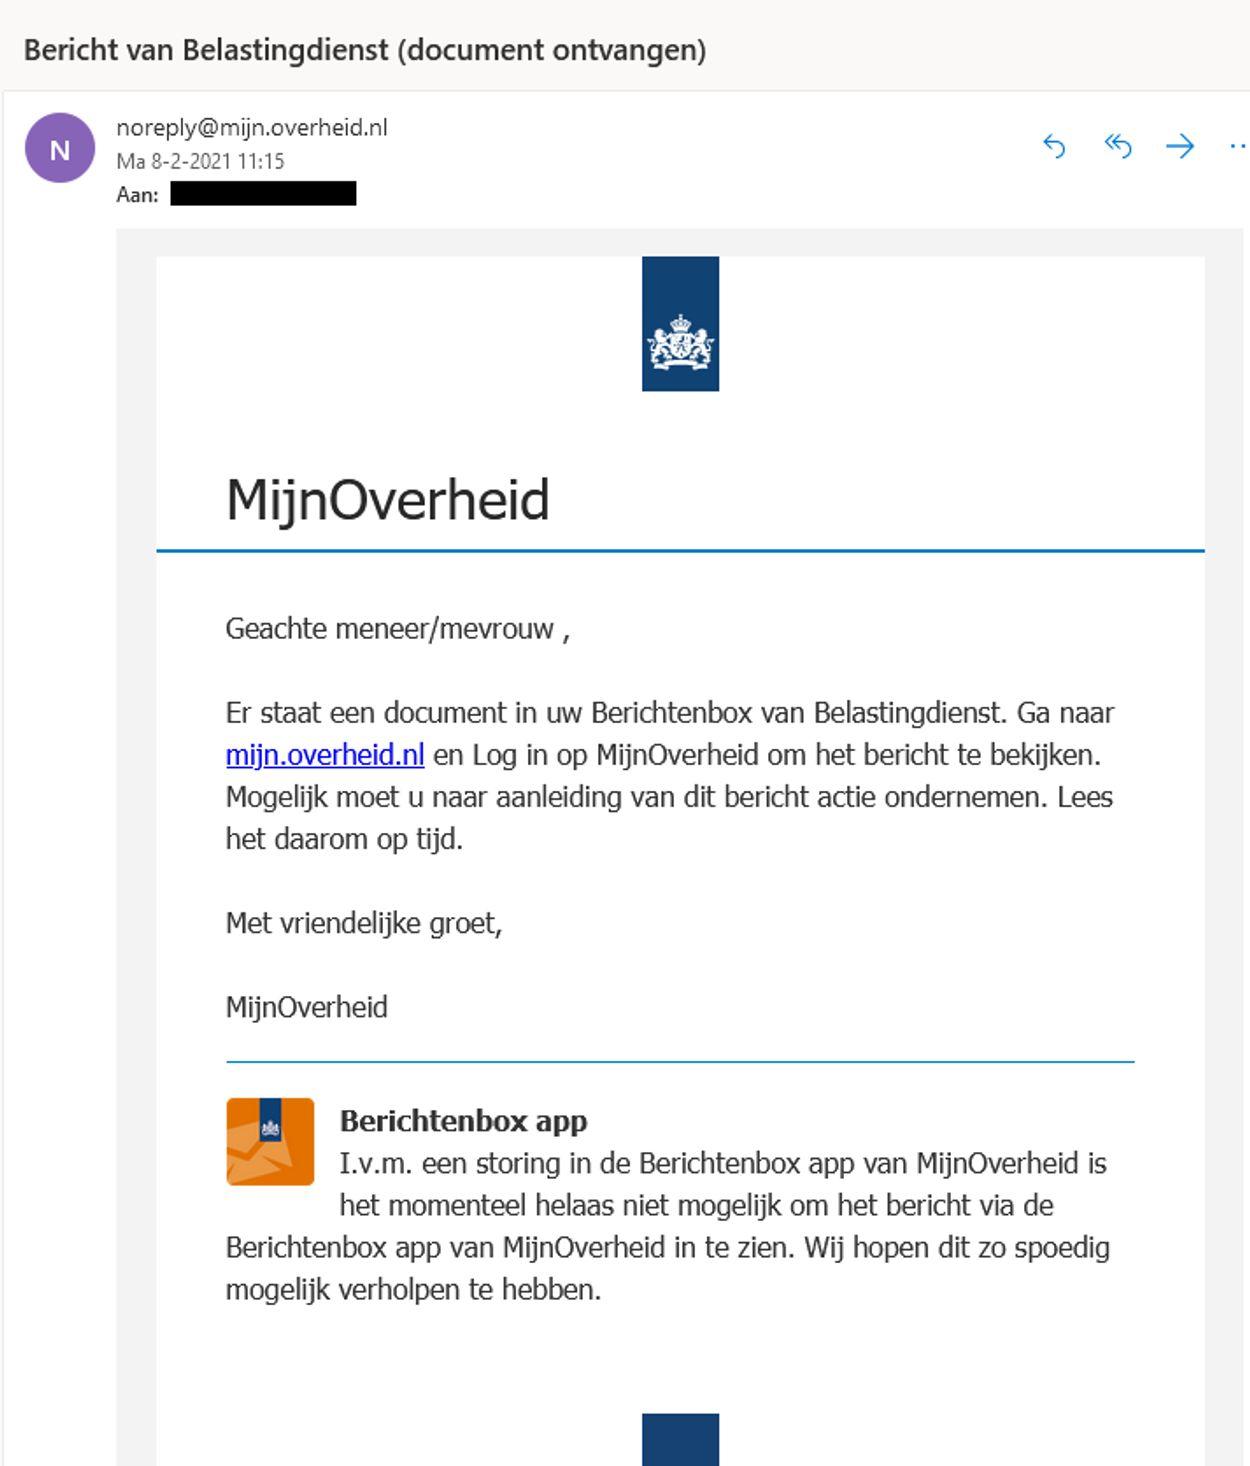 Bericht-van-belastingdienst phishing